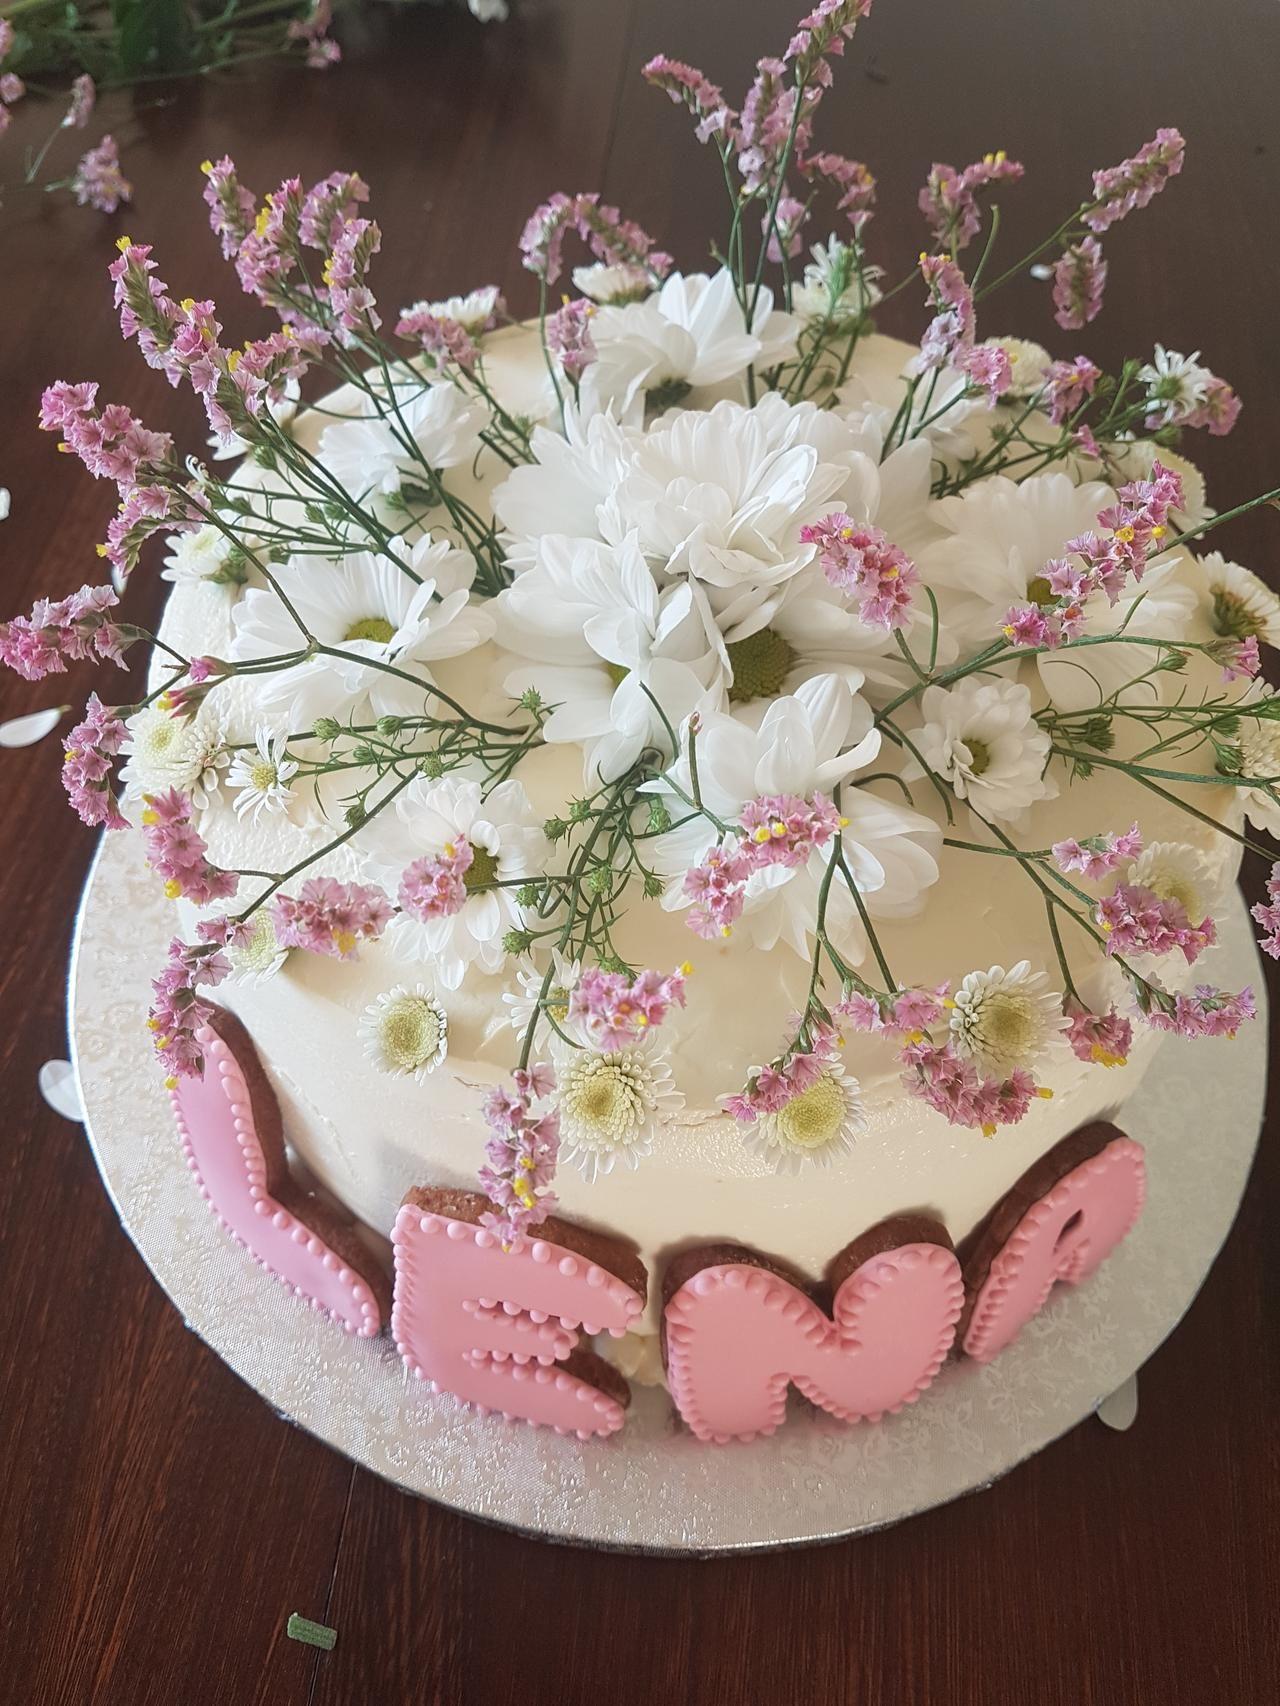 Tort Komunijny Ze Swiezymi Kwiatami 2 Desserts Cake Food